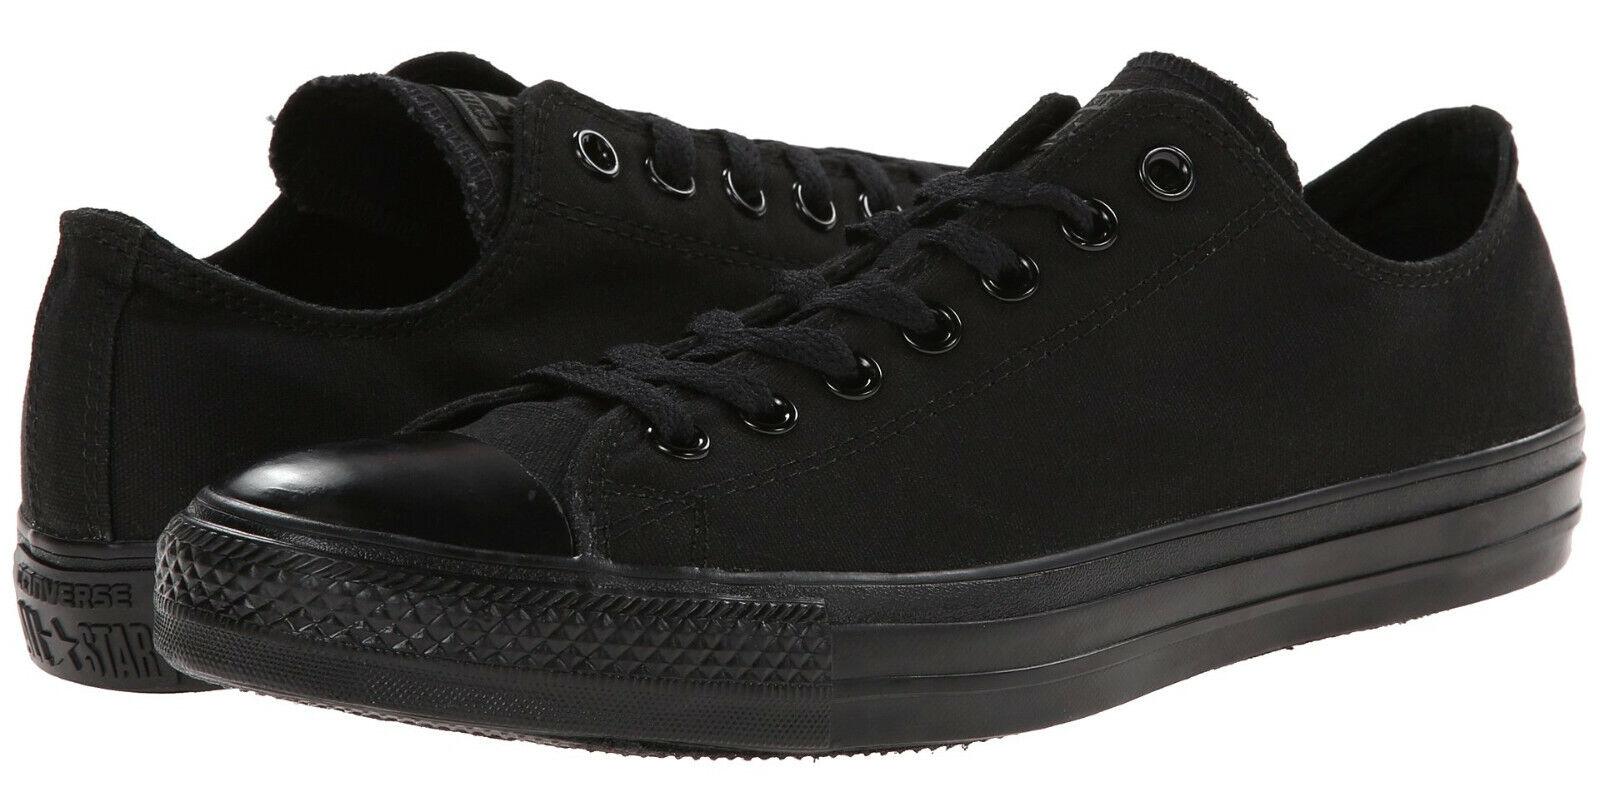 Conversare Chuck Taylor Low Tops nero  Mono OX Mens scarpe da ginnastica Tennis scarpe M5039  supporto al dettaglio all'ingrosso